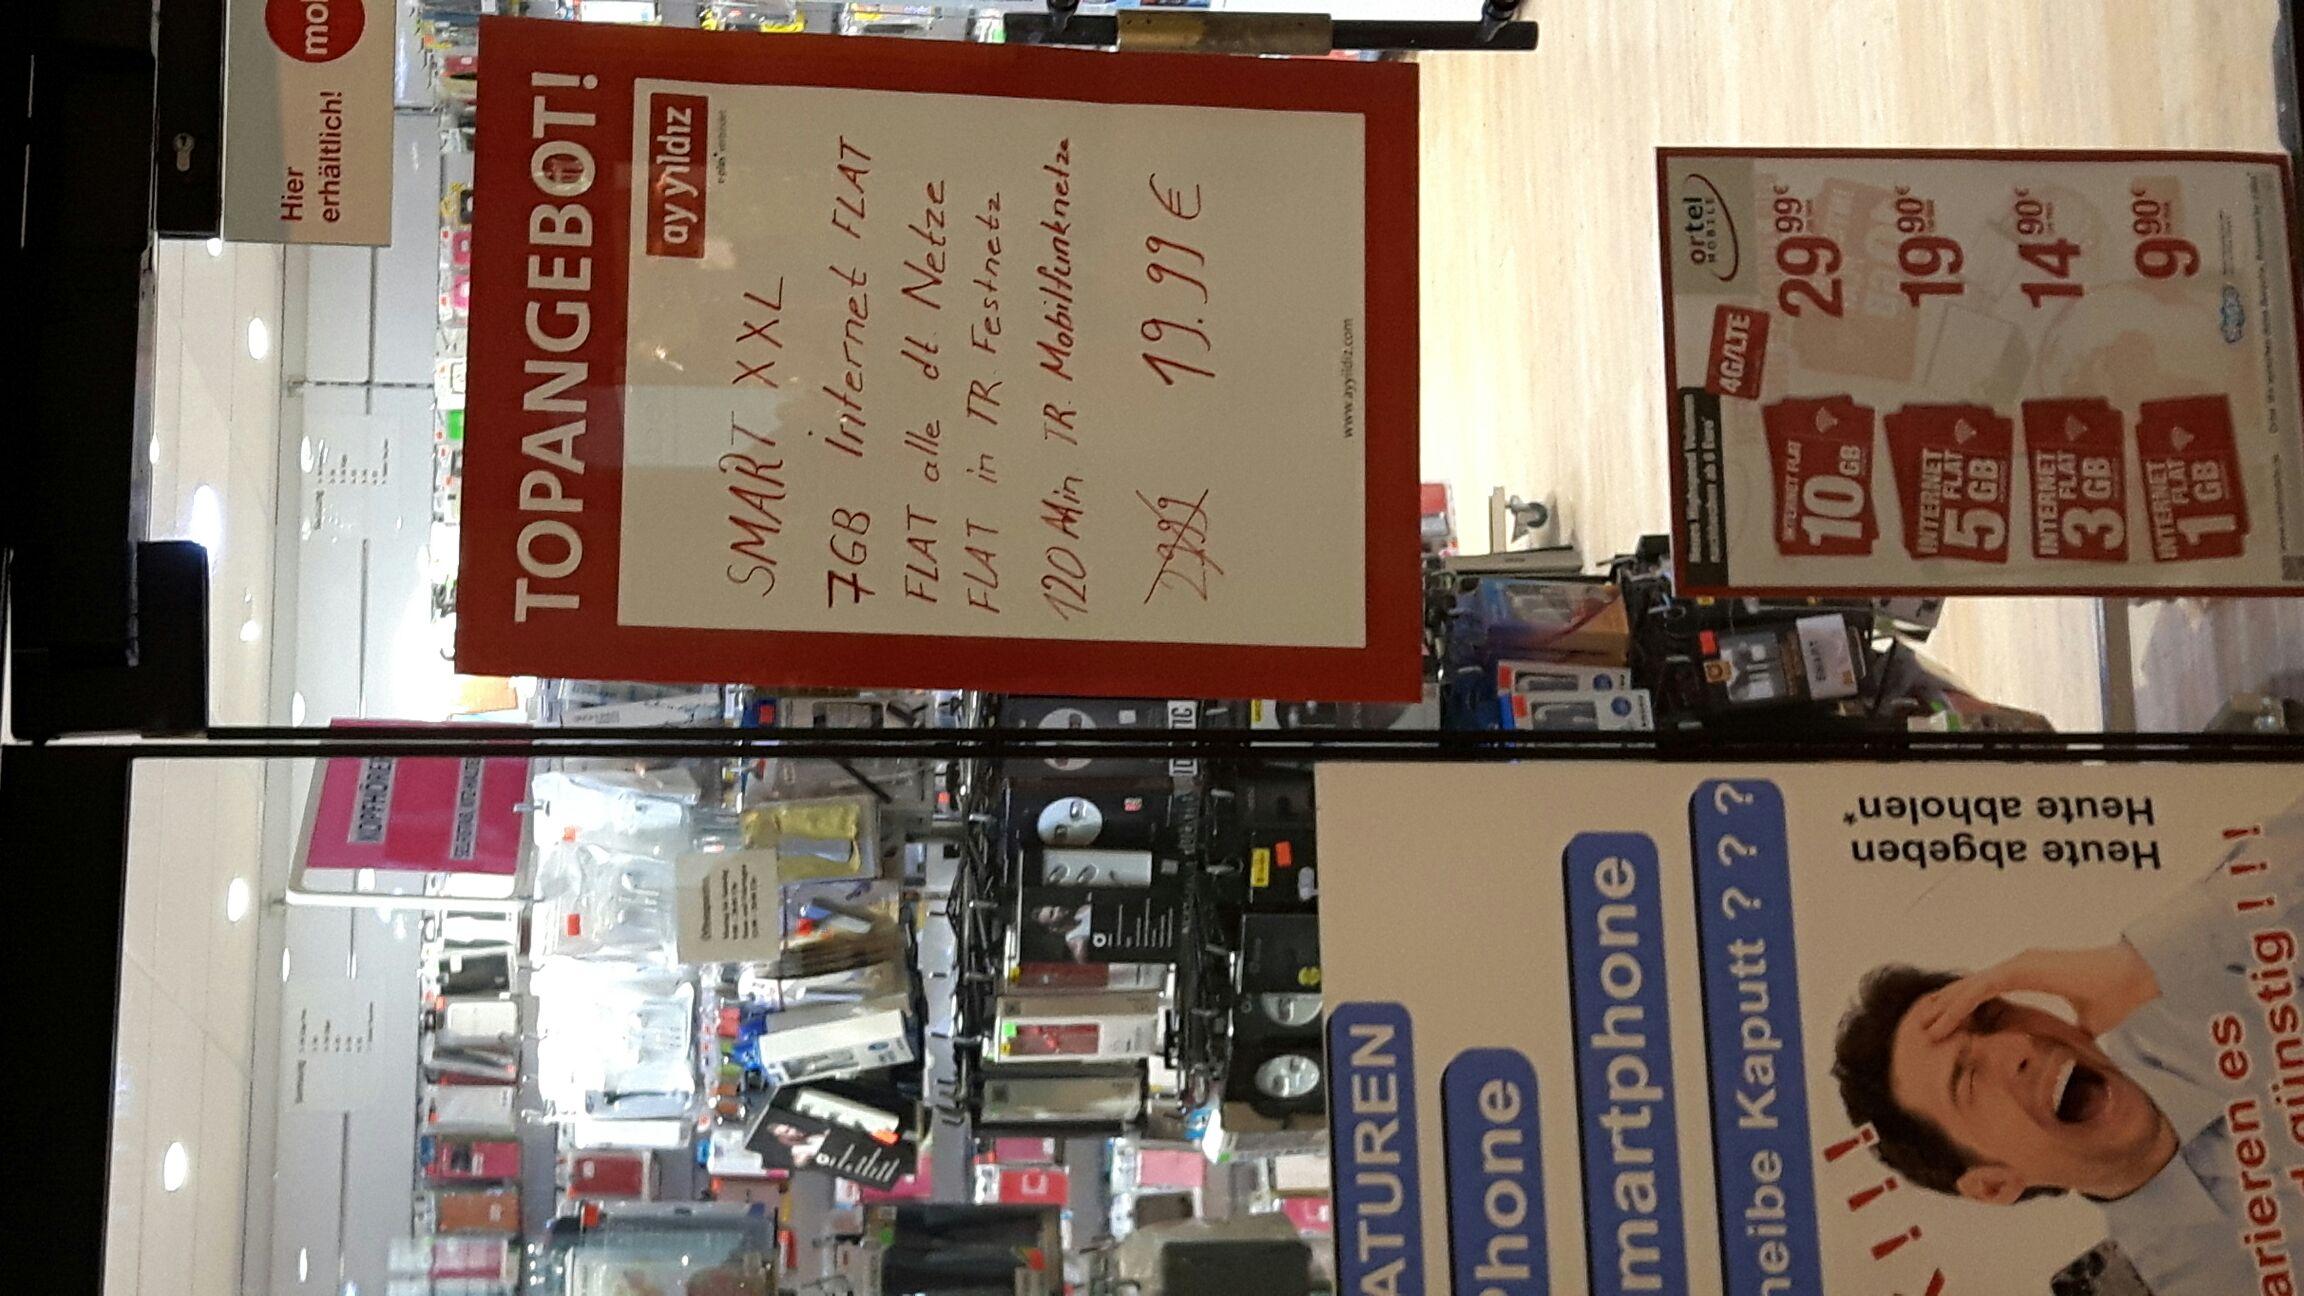 [Lokal Stuttgarter Hauptbahnhof] Festnetzflat + 7GB + Türkeifestnetz + 120 Minuten ins Türkische Mobilnetz für 19,99€ pro Monat